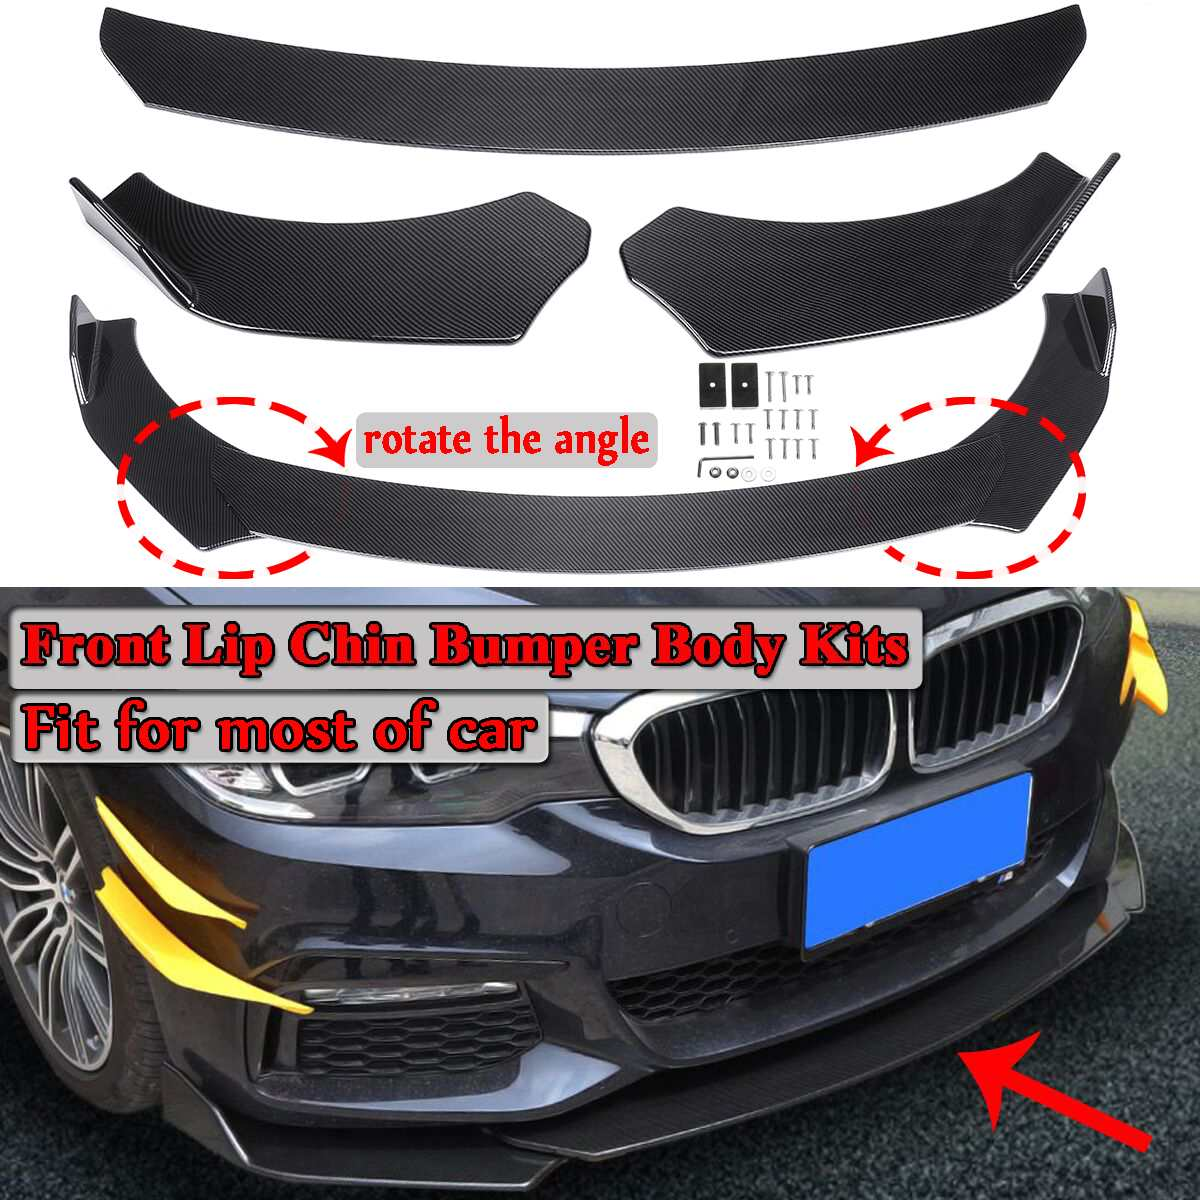 Karbon Fiber bakır/siyah evrensel araba ön ÖN TAMPON vücut kitleri Splitter difüzör BMW için Benz için Audi için VW için Subaru